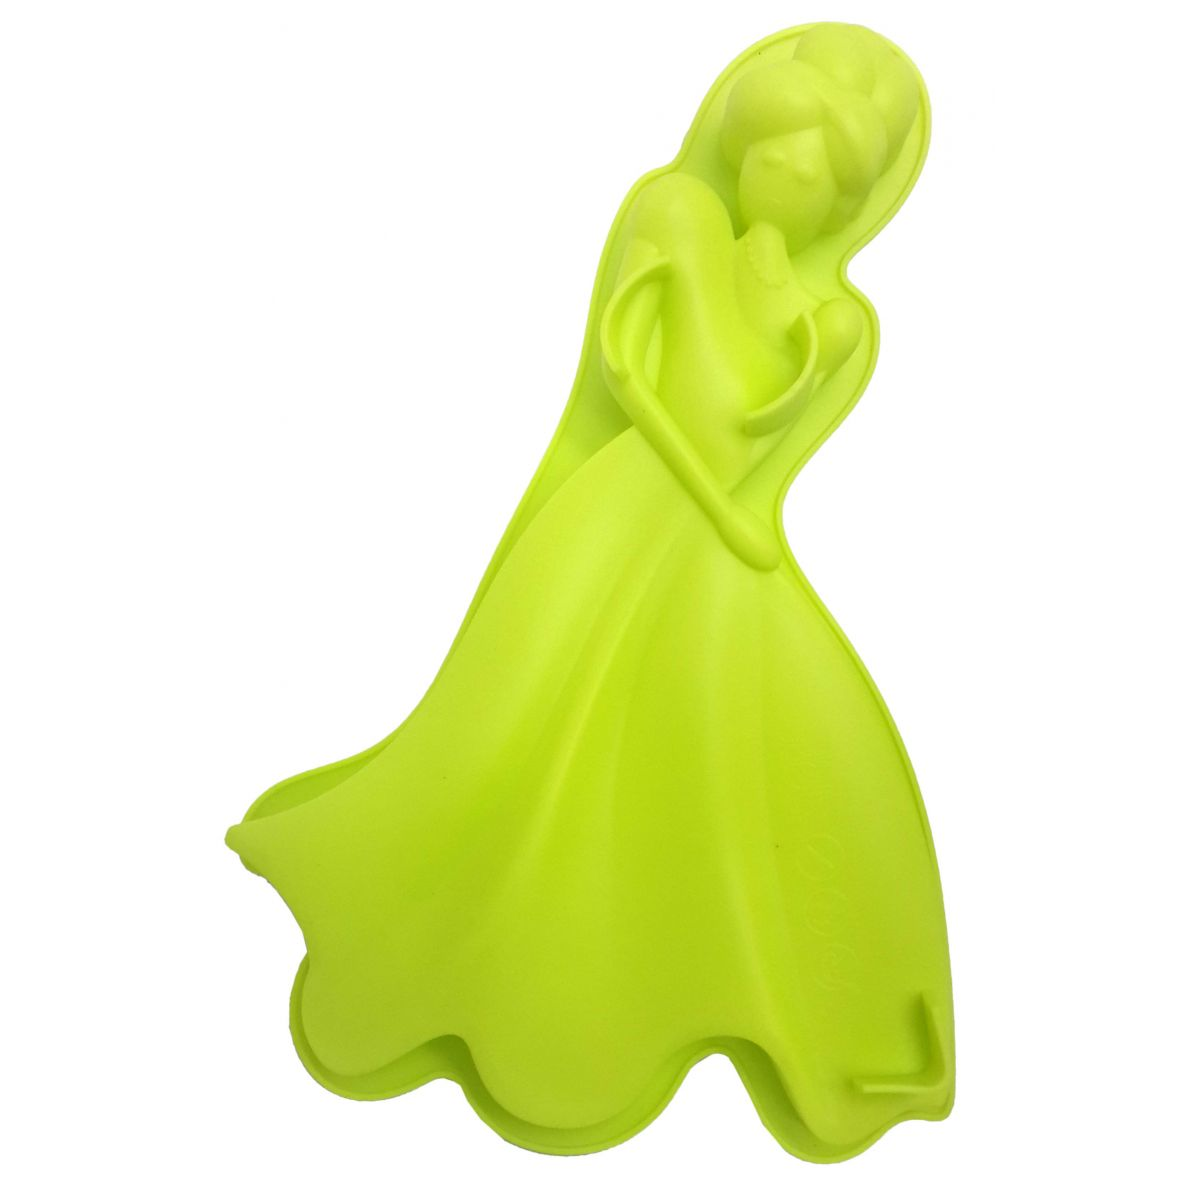 Forma Silicone Para Doces Diversos Torta Pudim Bolo Cozinha Princesa Verde (sili-9)